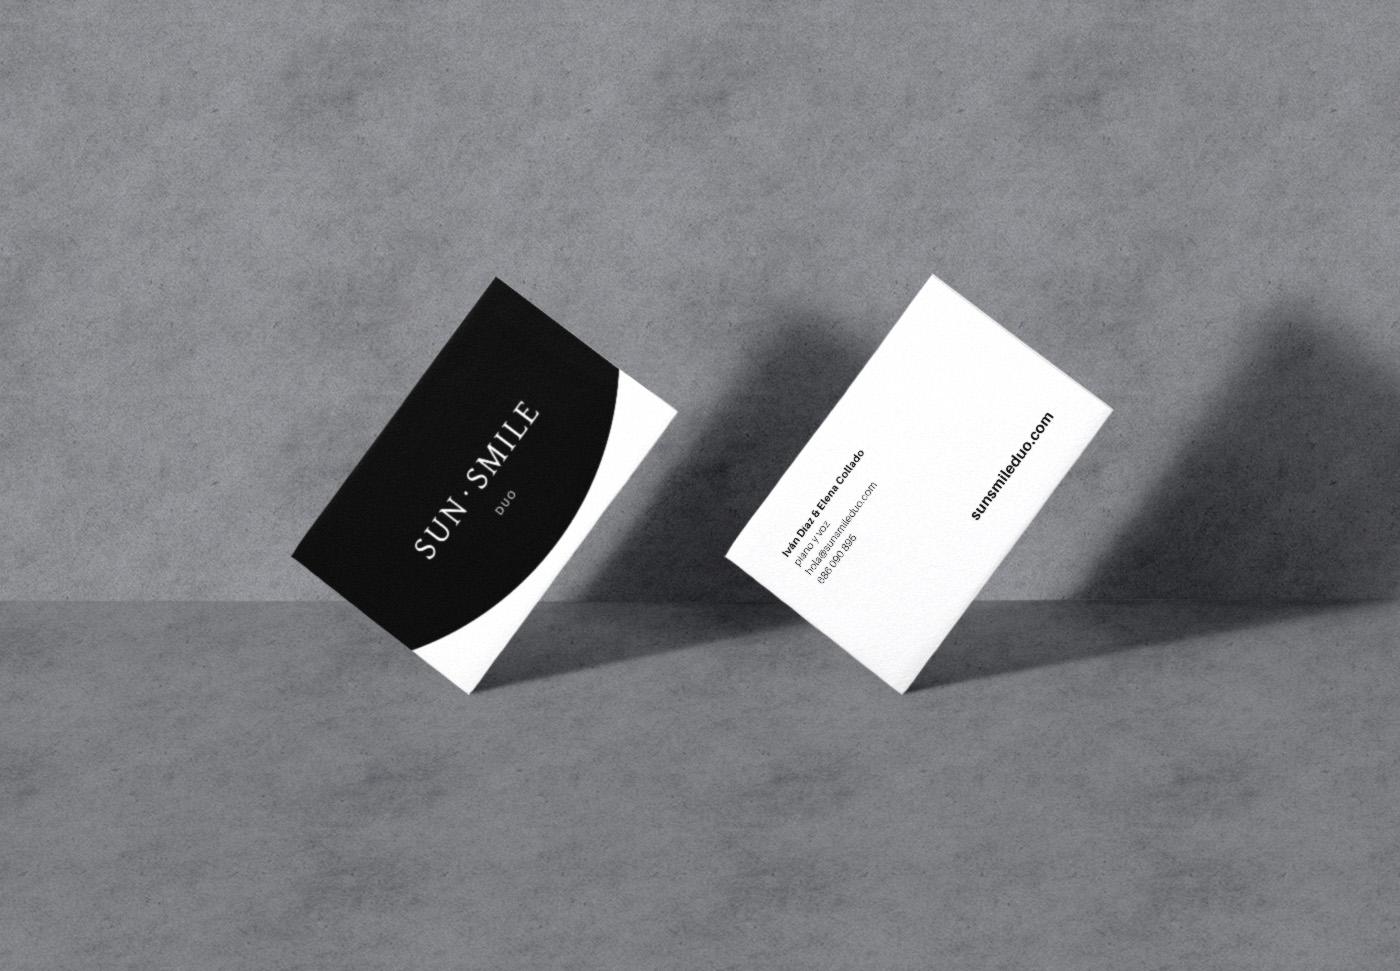 SunSmile identidad corporativa diseño de tarjetas